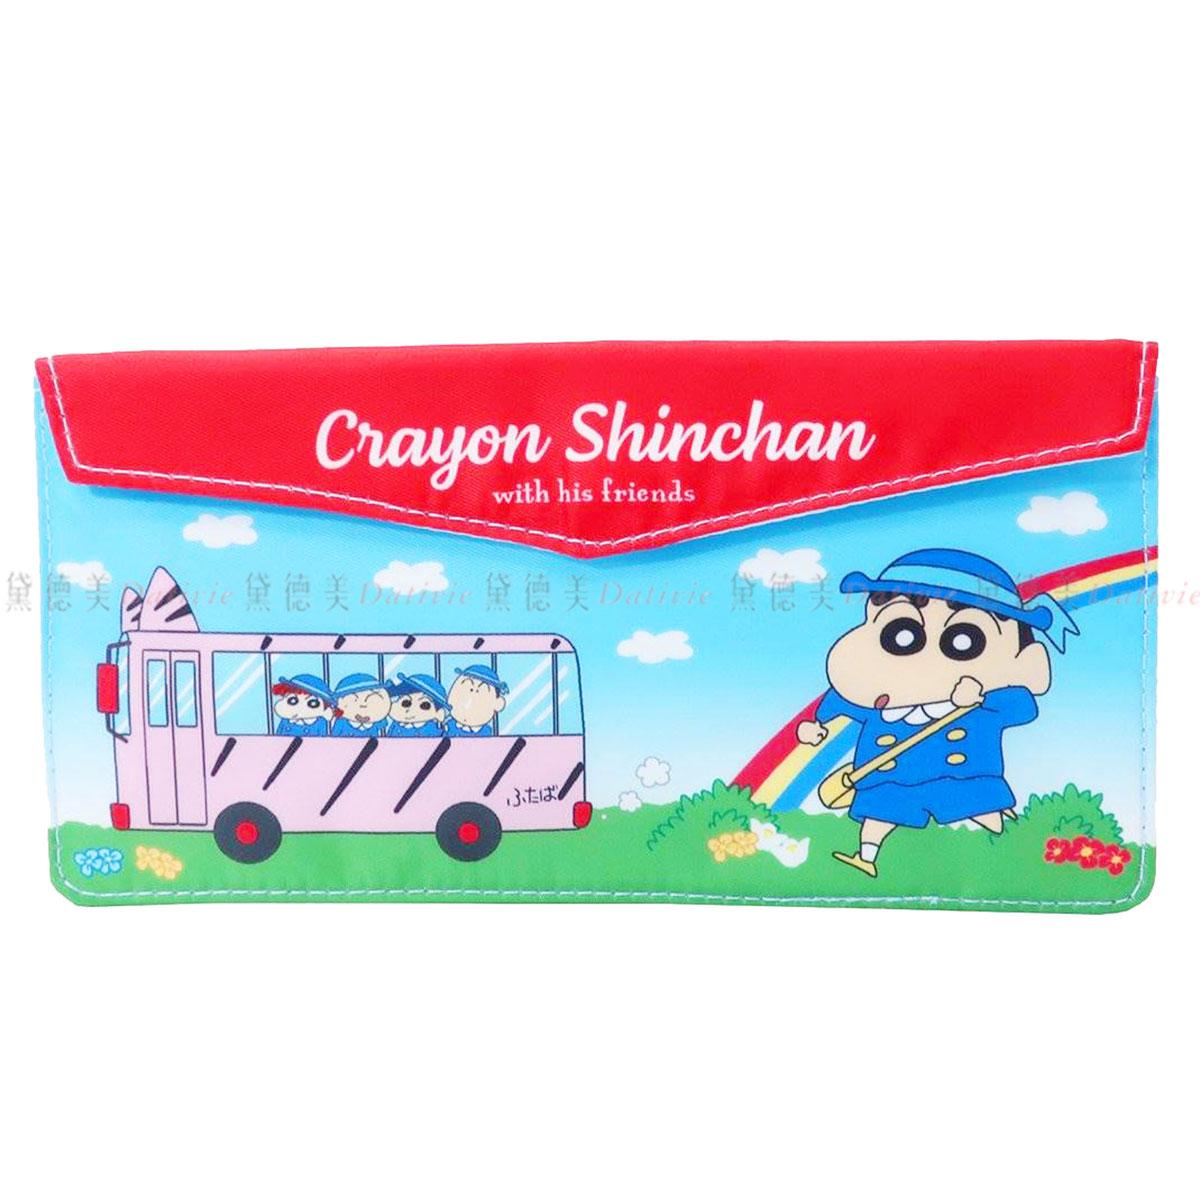 信封造型口罩收納套-蠟筆小新 Crayon Shin Chain クレヨンしん  日本進口正版授權